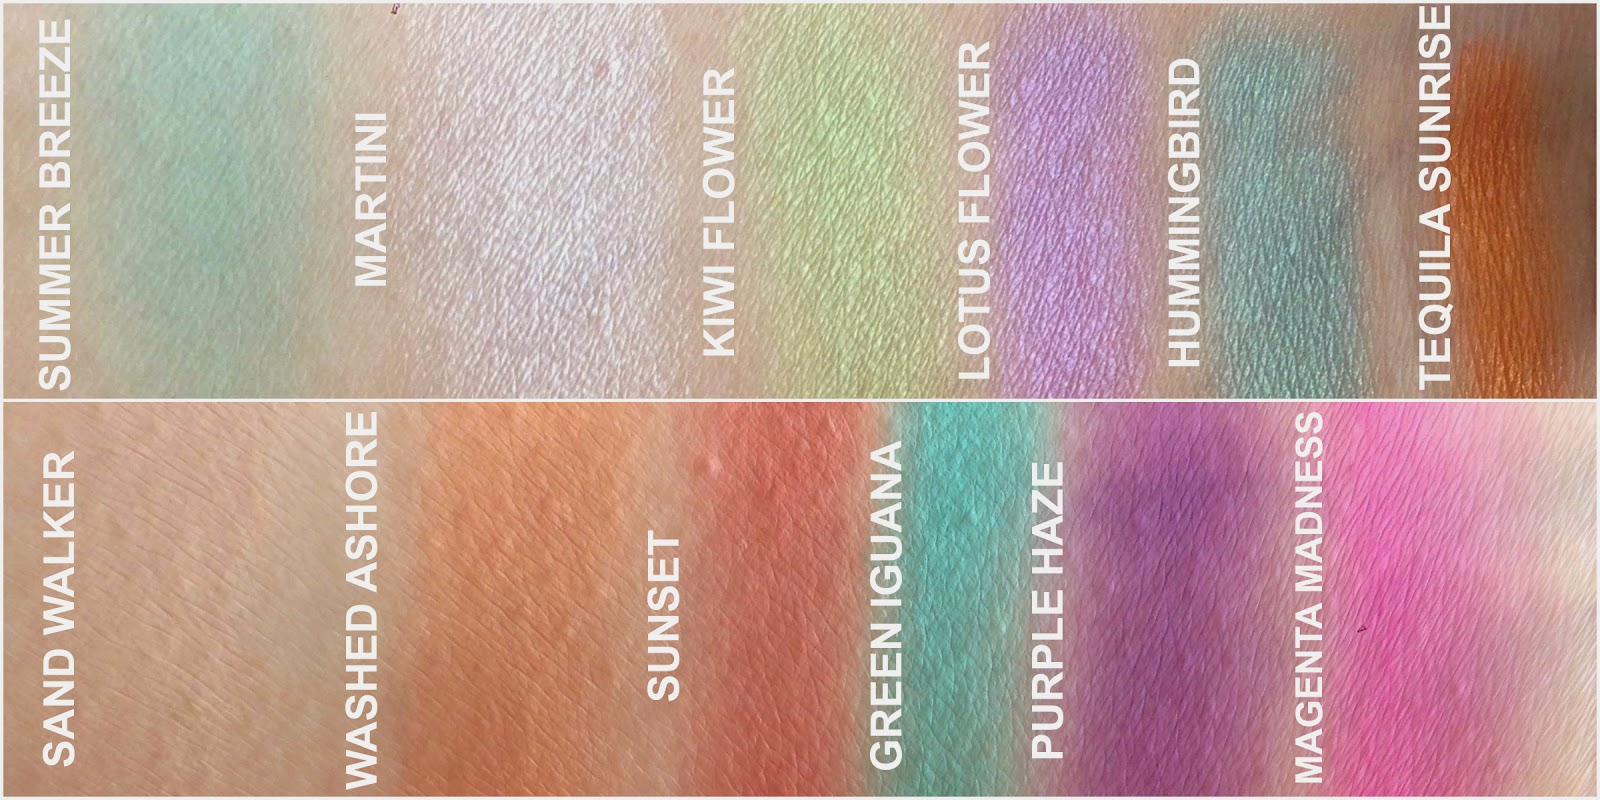 Sleek i-Divine Eyeshadow Palette in Snapshots Swatches